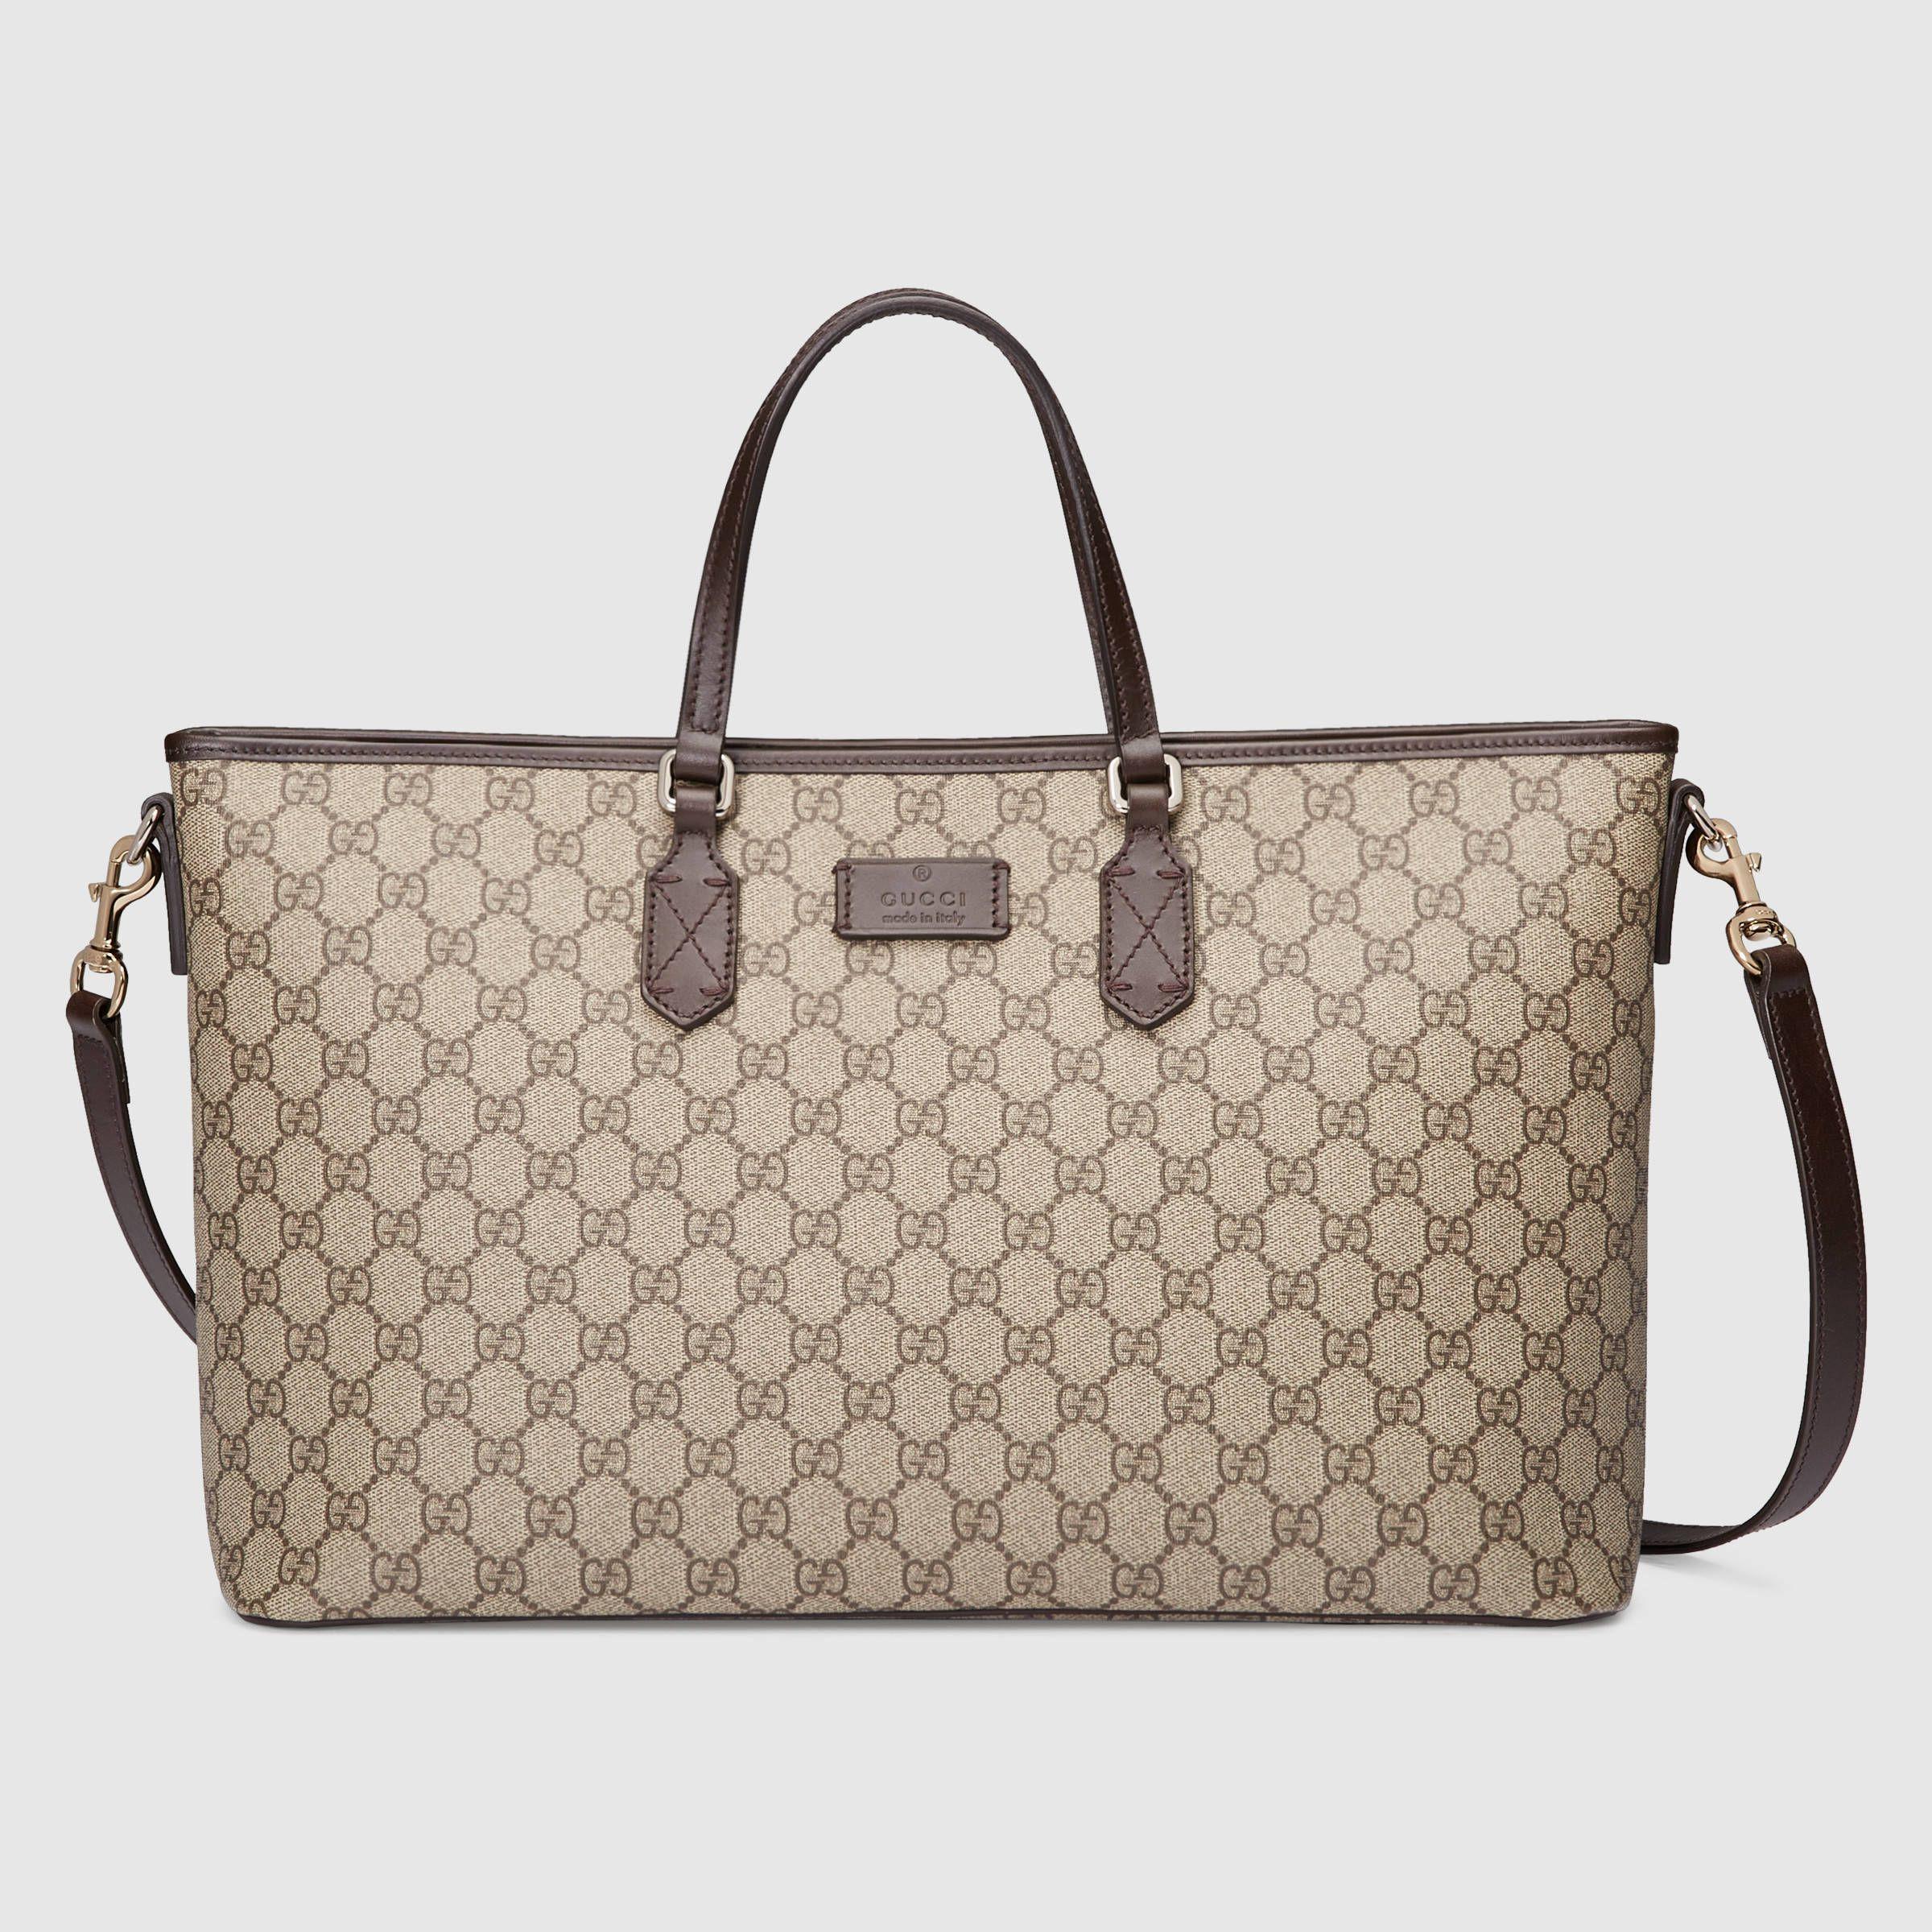 067d8fe8737208 Women supreme tote | Dream Home in 2019 | Gucci tote bag, Tote ...